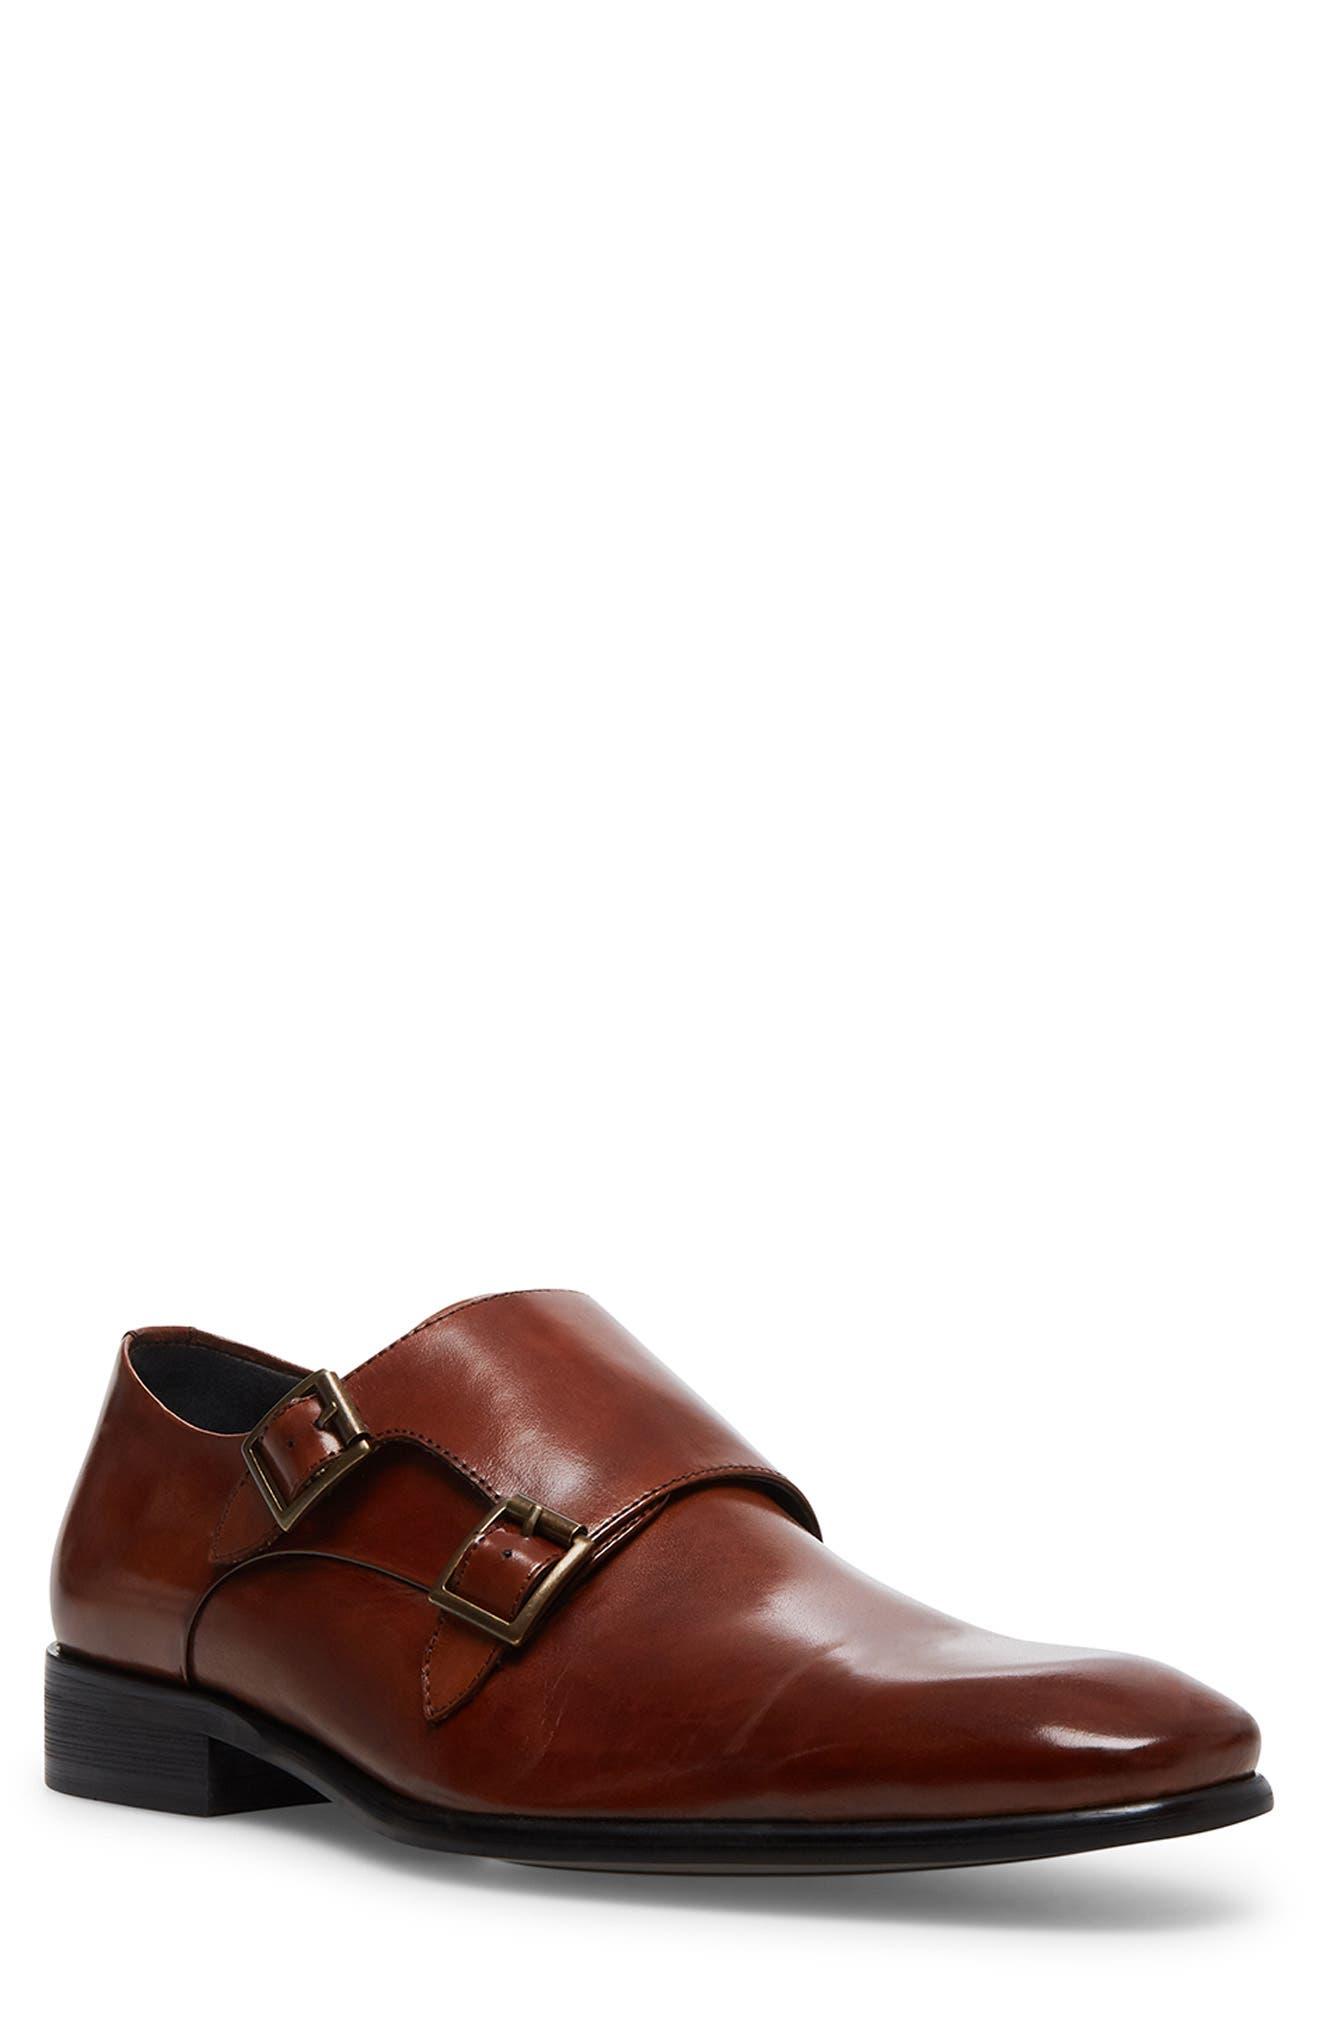 Beaumont Double Monk Strap Shoe